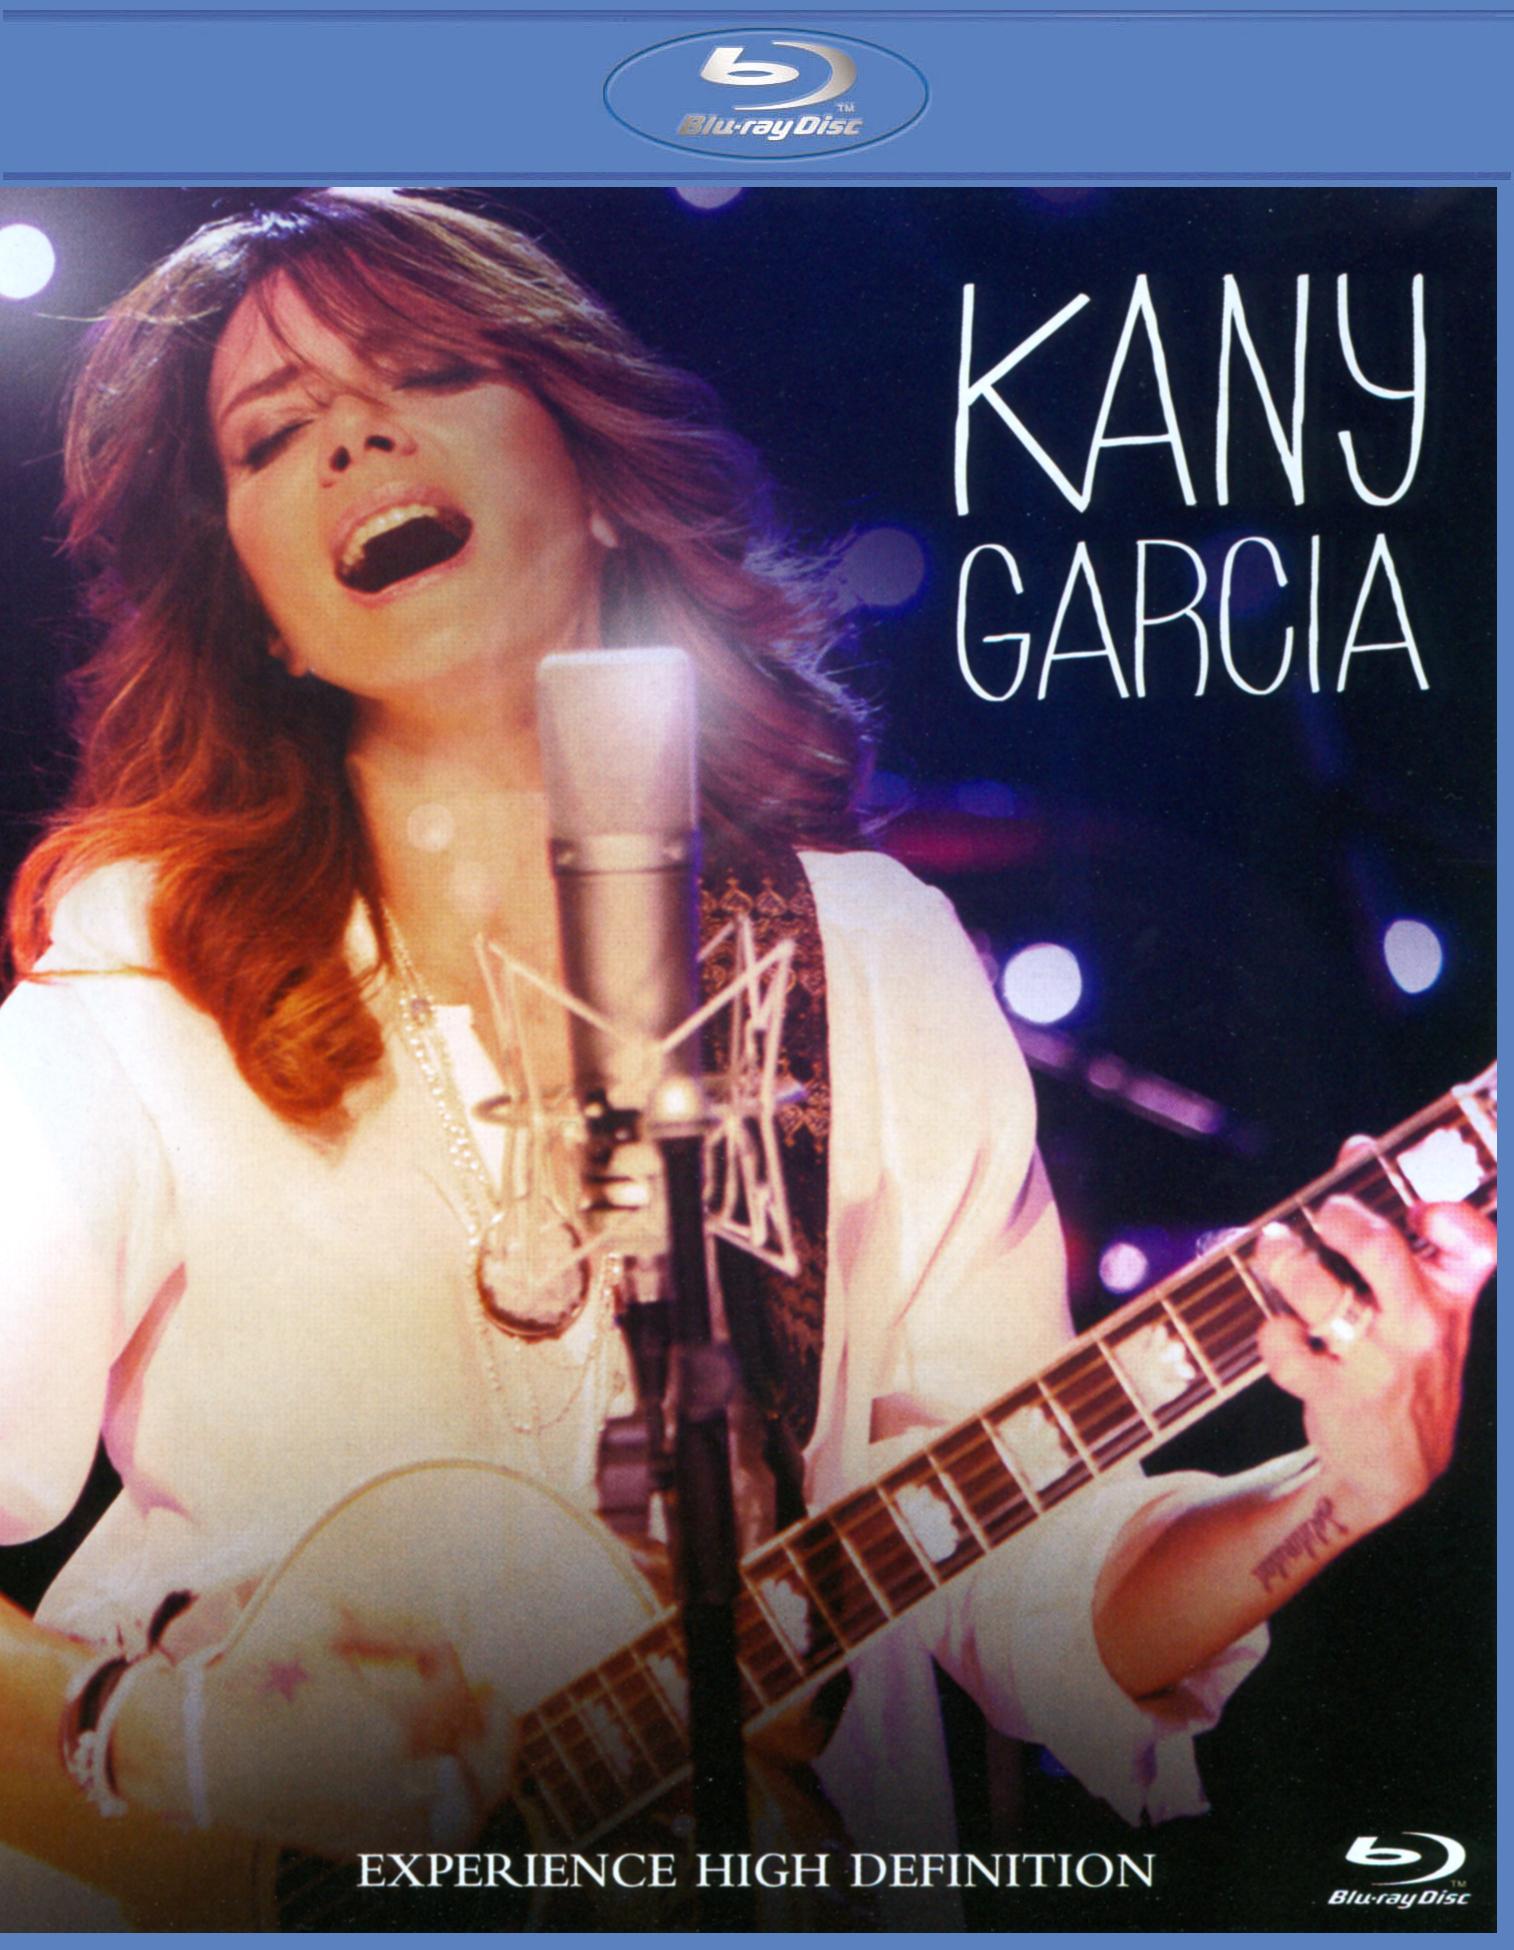 Kany Garcia: Kany Garcia